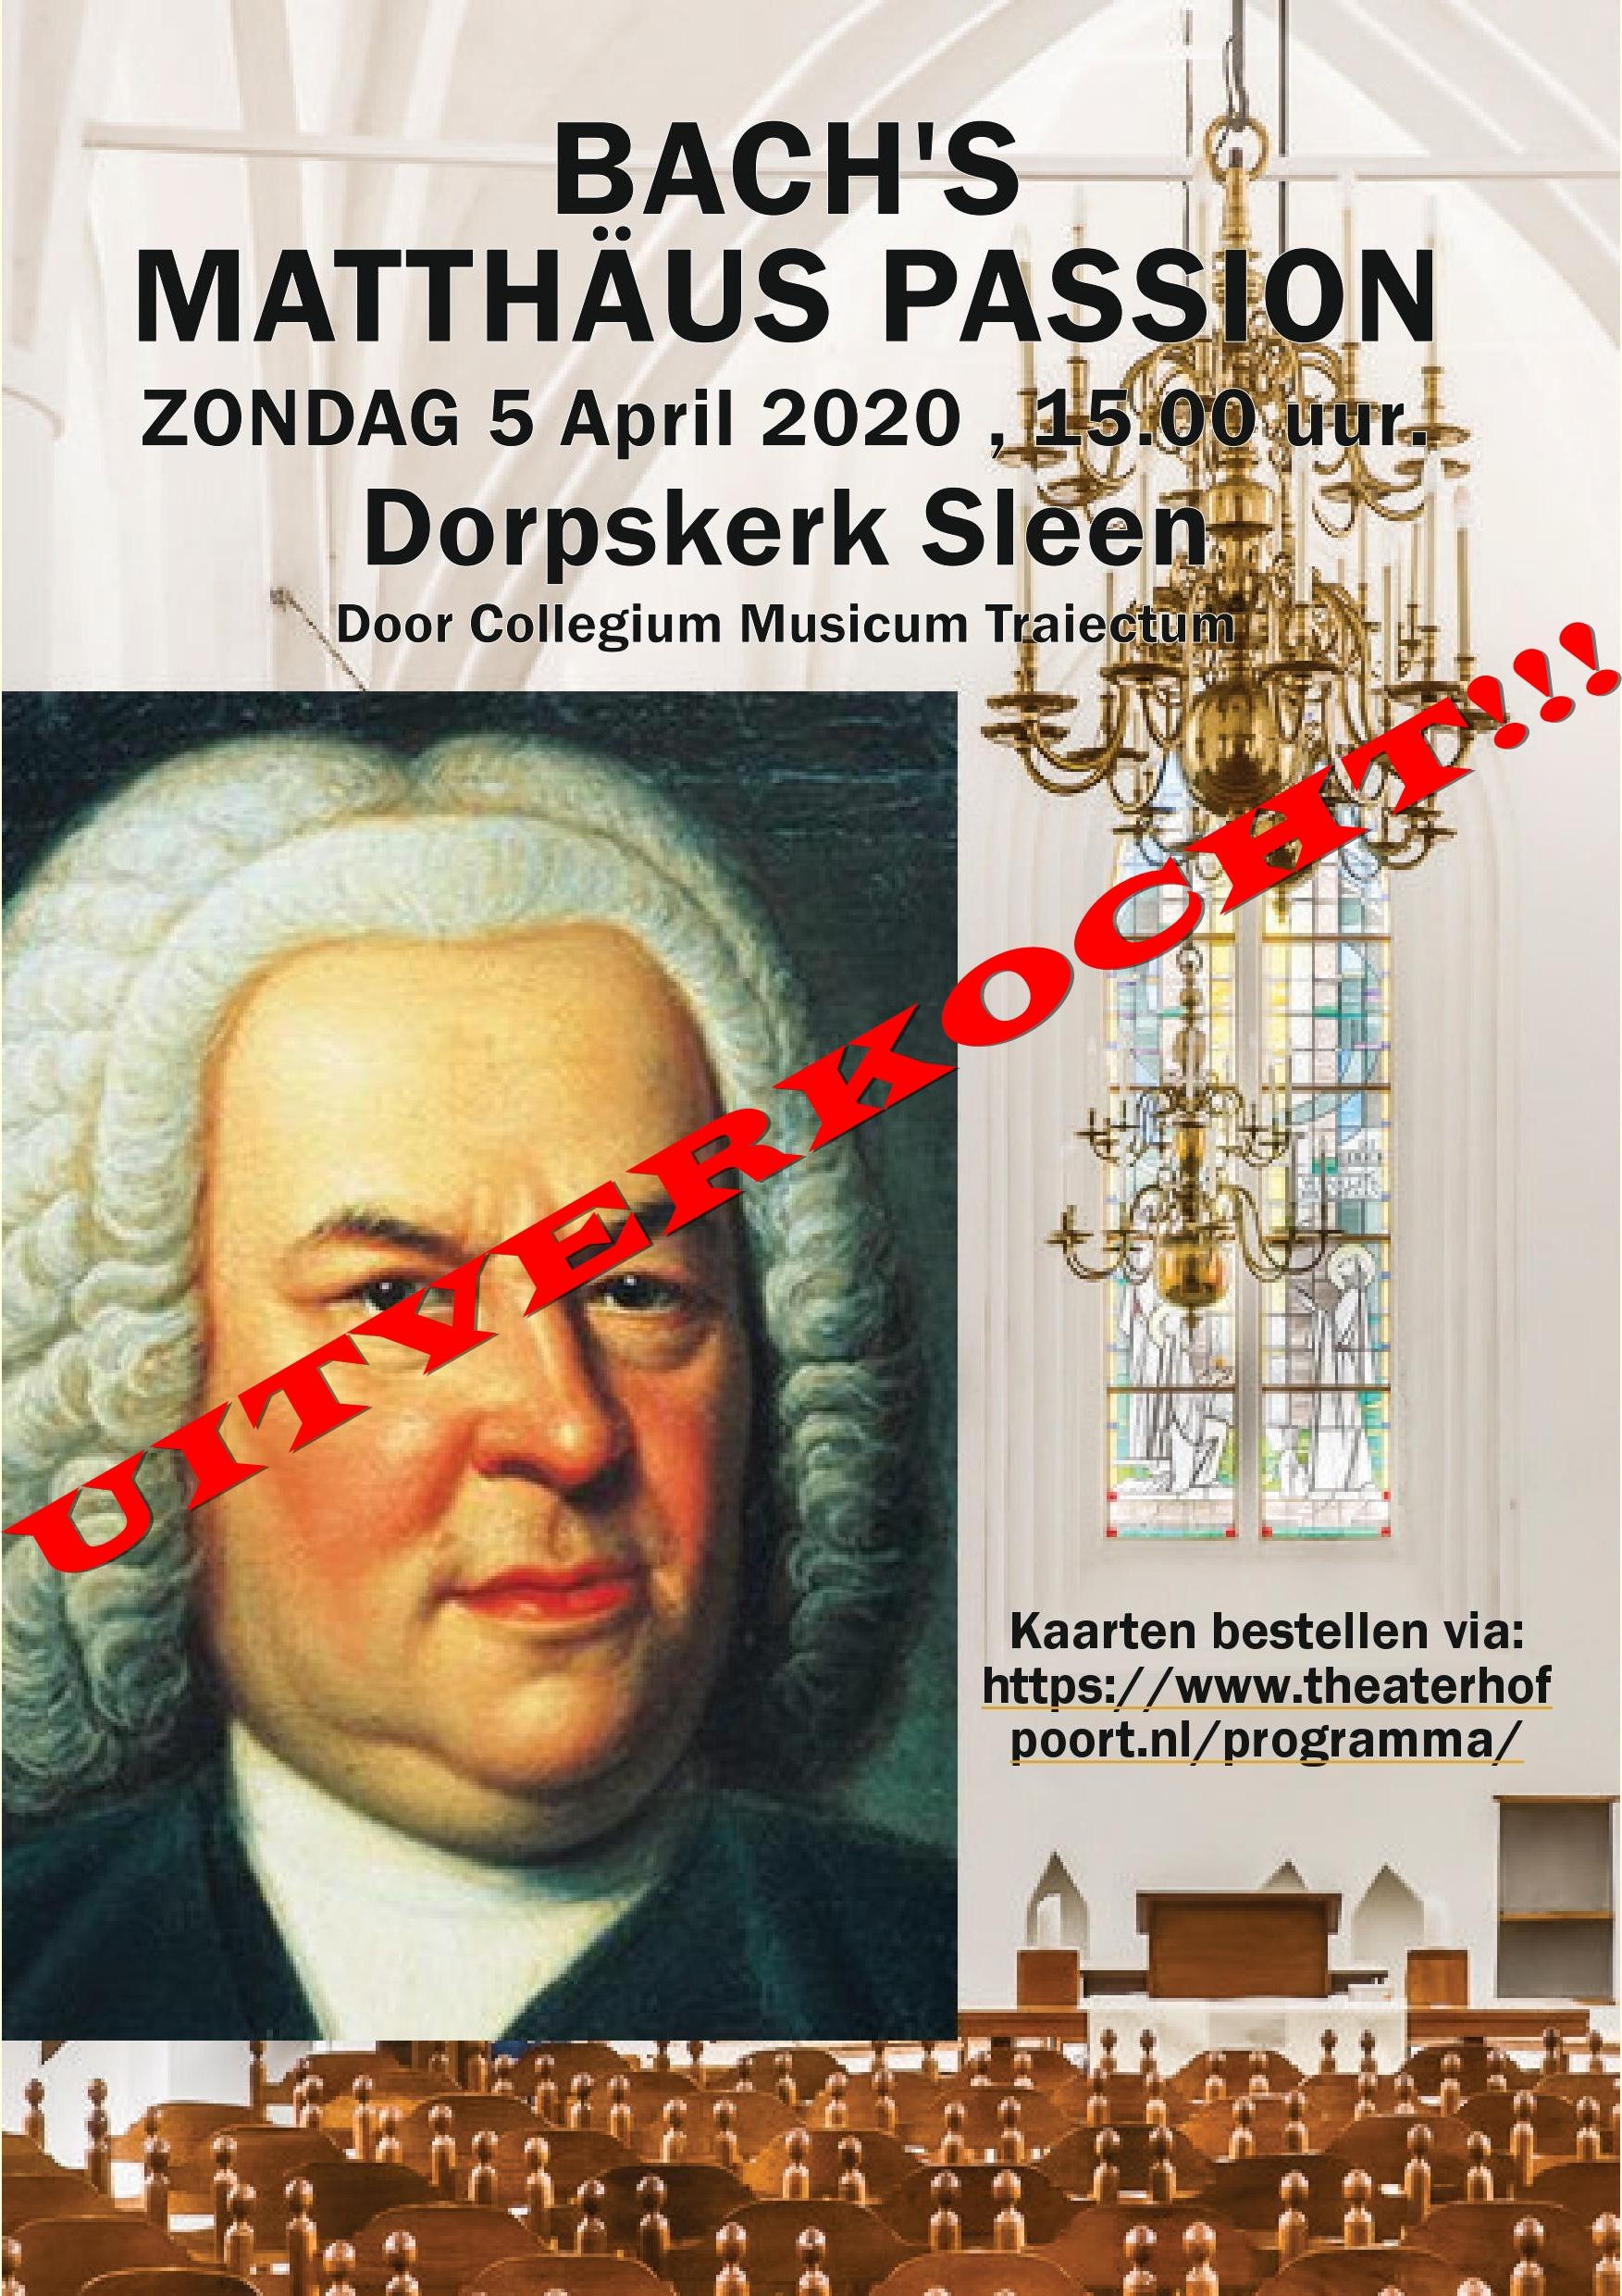 Matthaus Passion 5 april